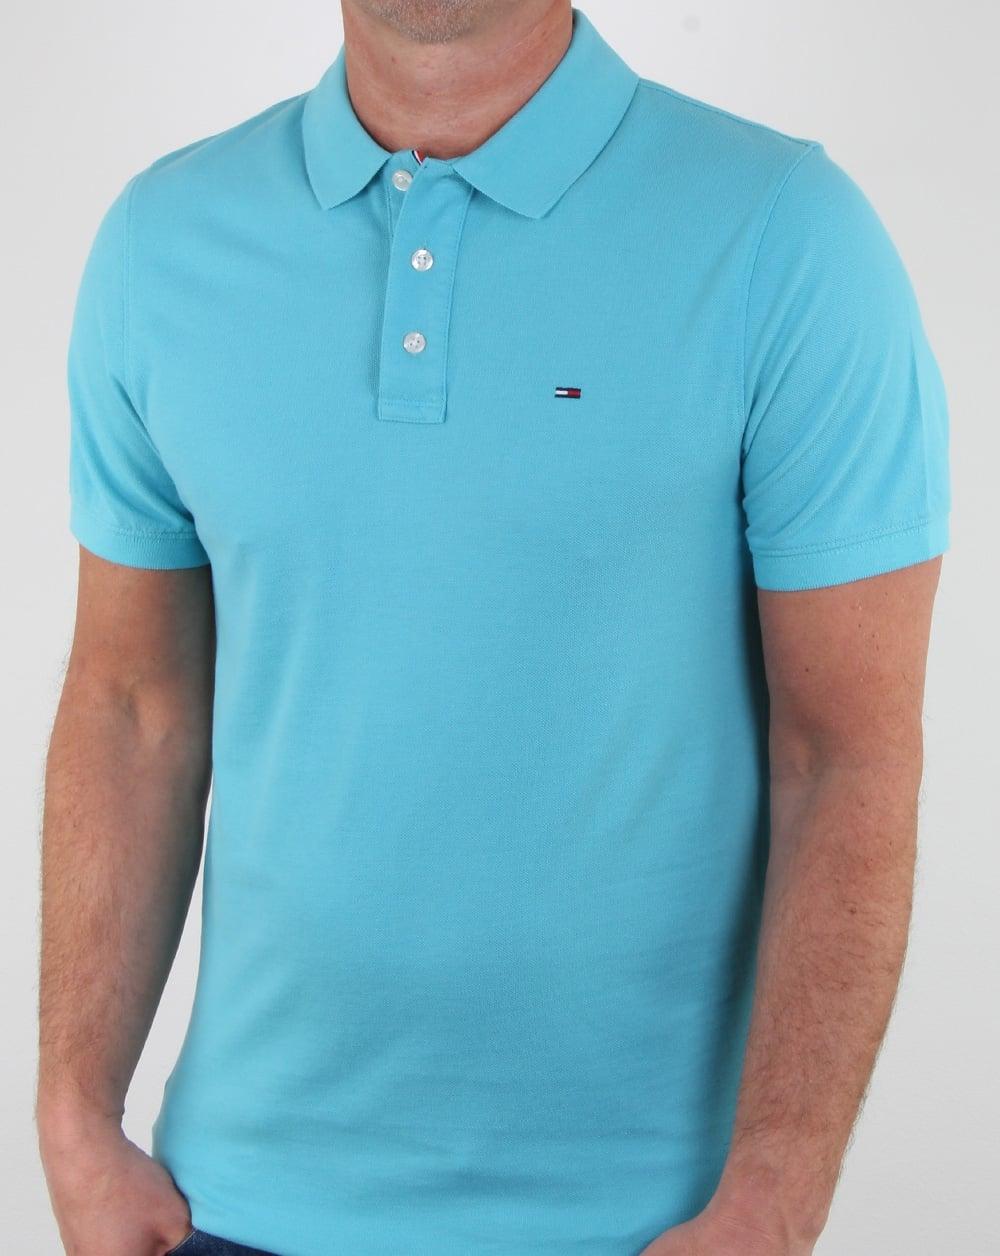 6806b2c6b Tommy Hilfiger Jeans Tommy Hilfiger Cotton Pique Polo Shirt Aqua Blue